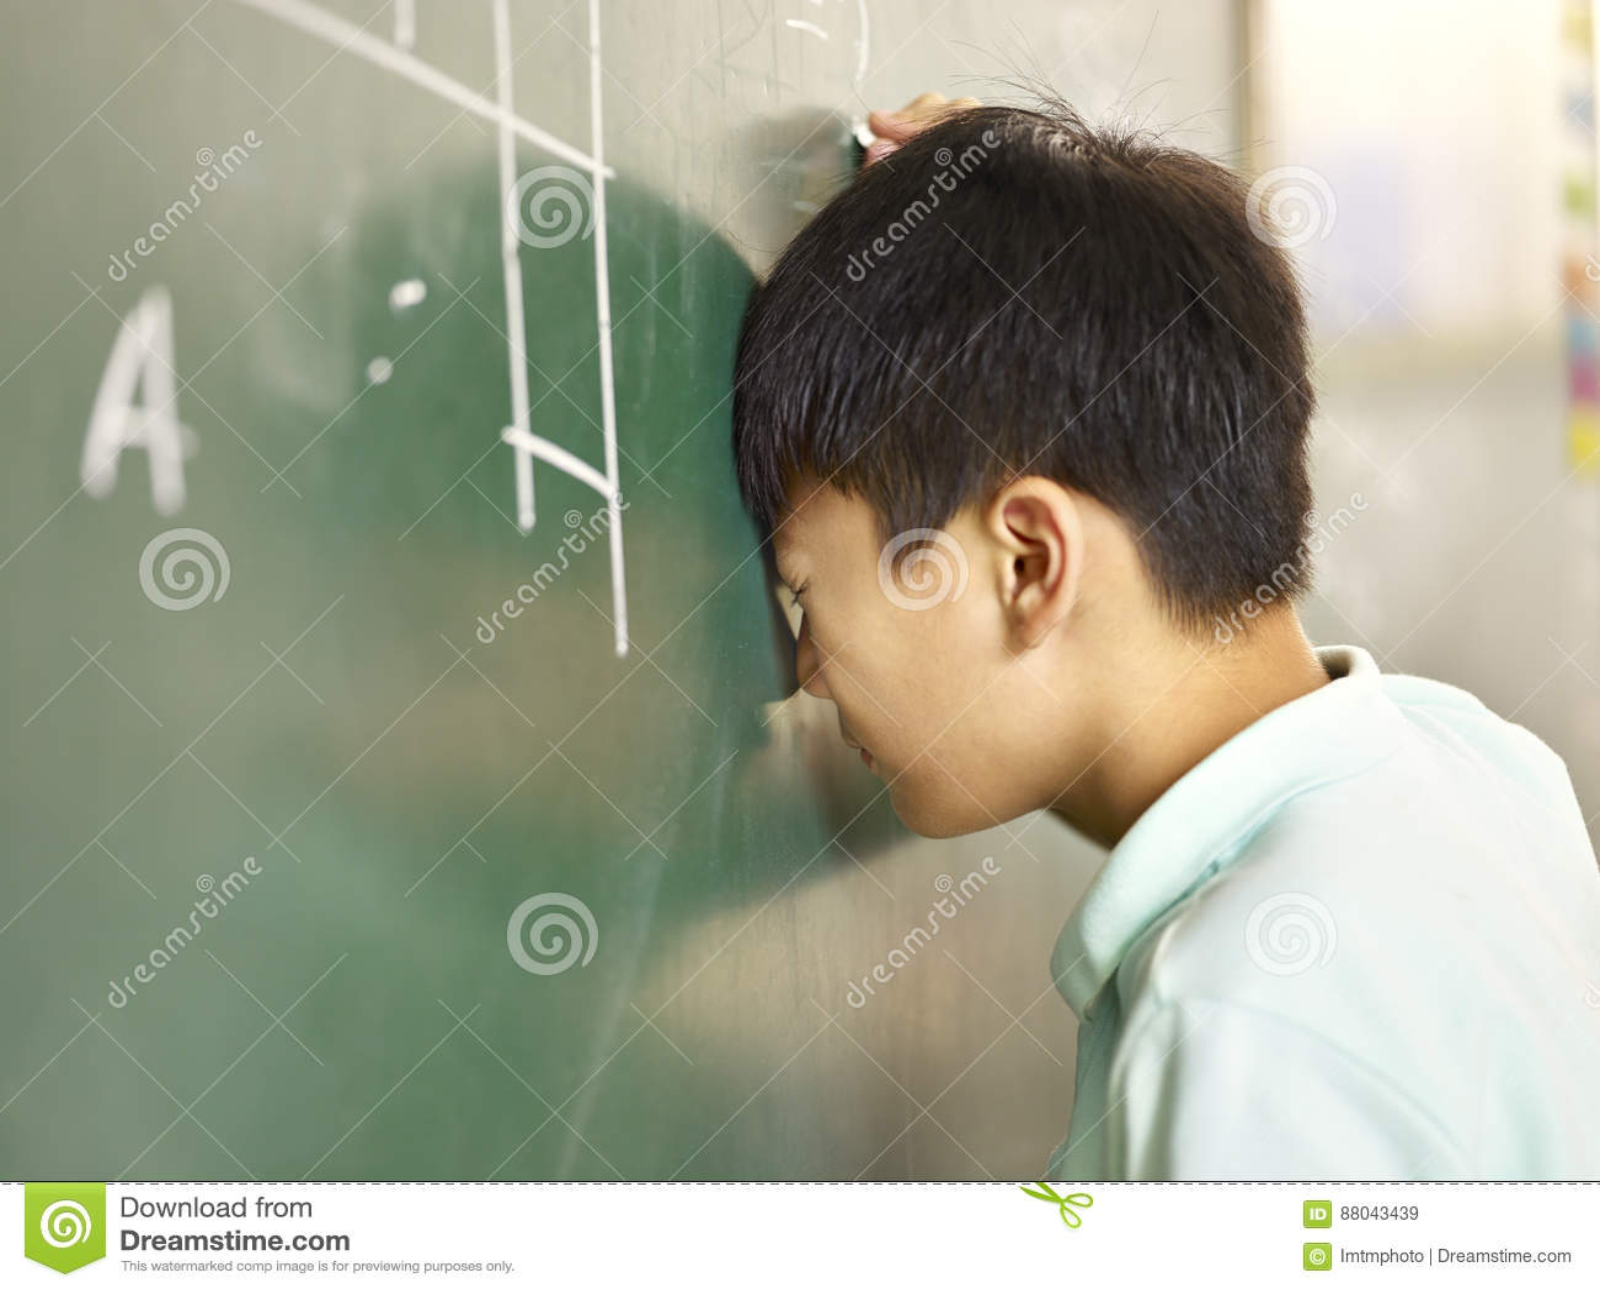 Επίπονος ασιατικός μαθητής που κτυπά το κεφάλι του στον πίνακα